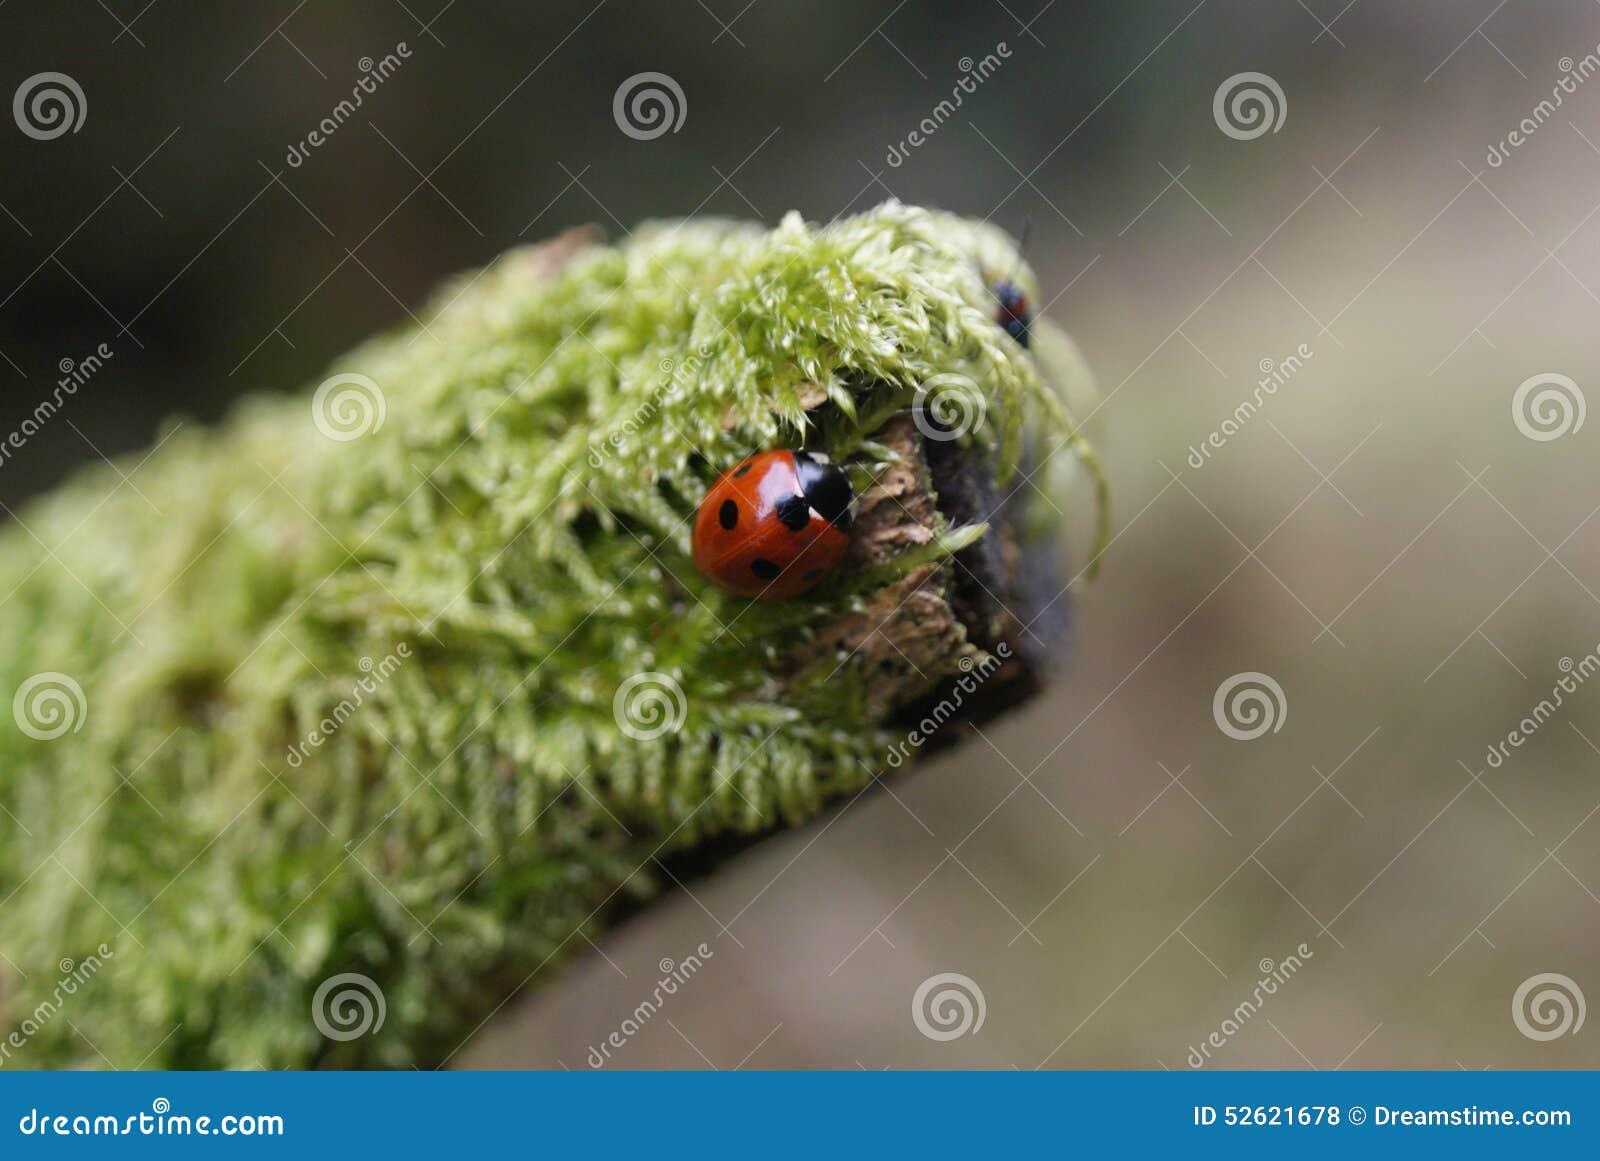 Pájaro/insecto de la señora